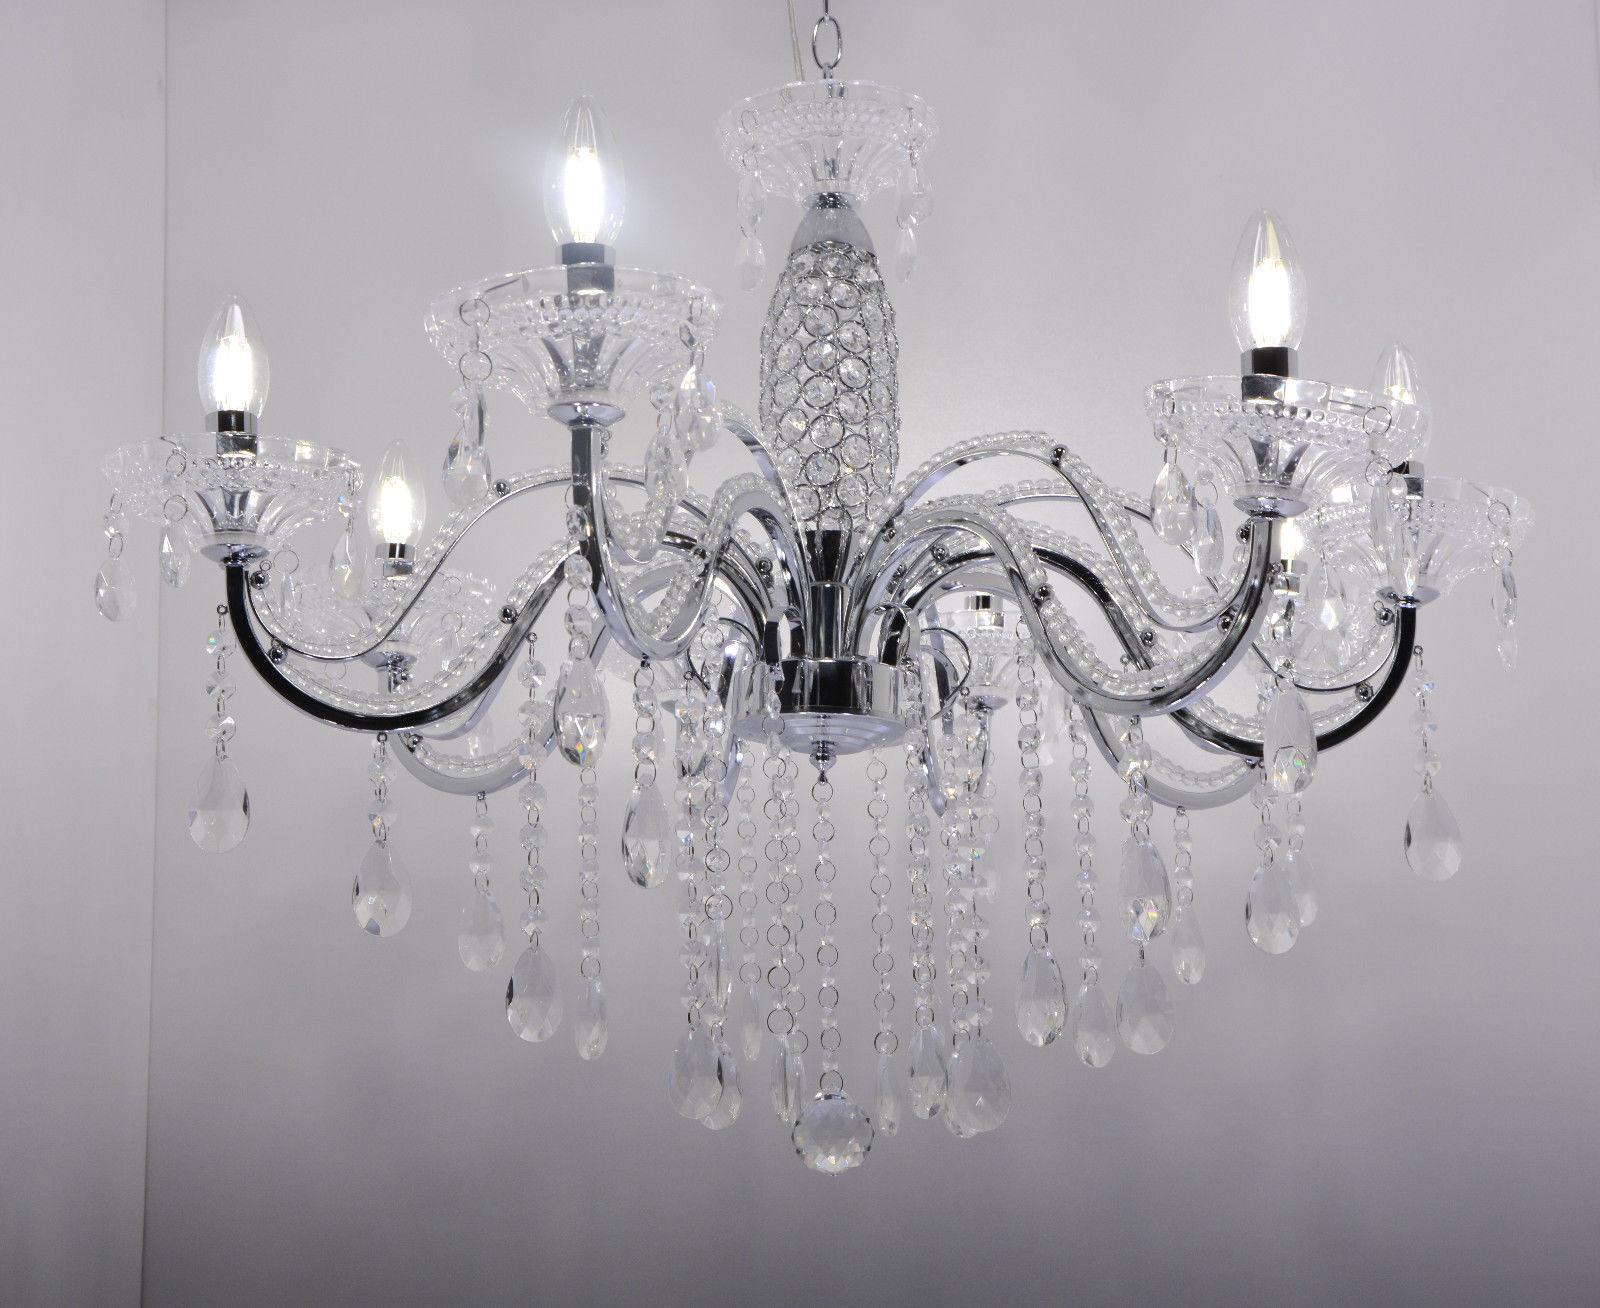 Luce pendente lampada sospesa plafoniera lampada lampadario Cristallo Lampada